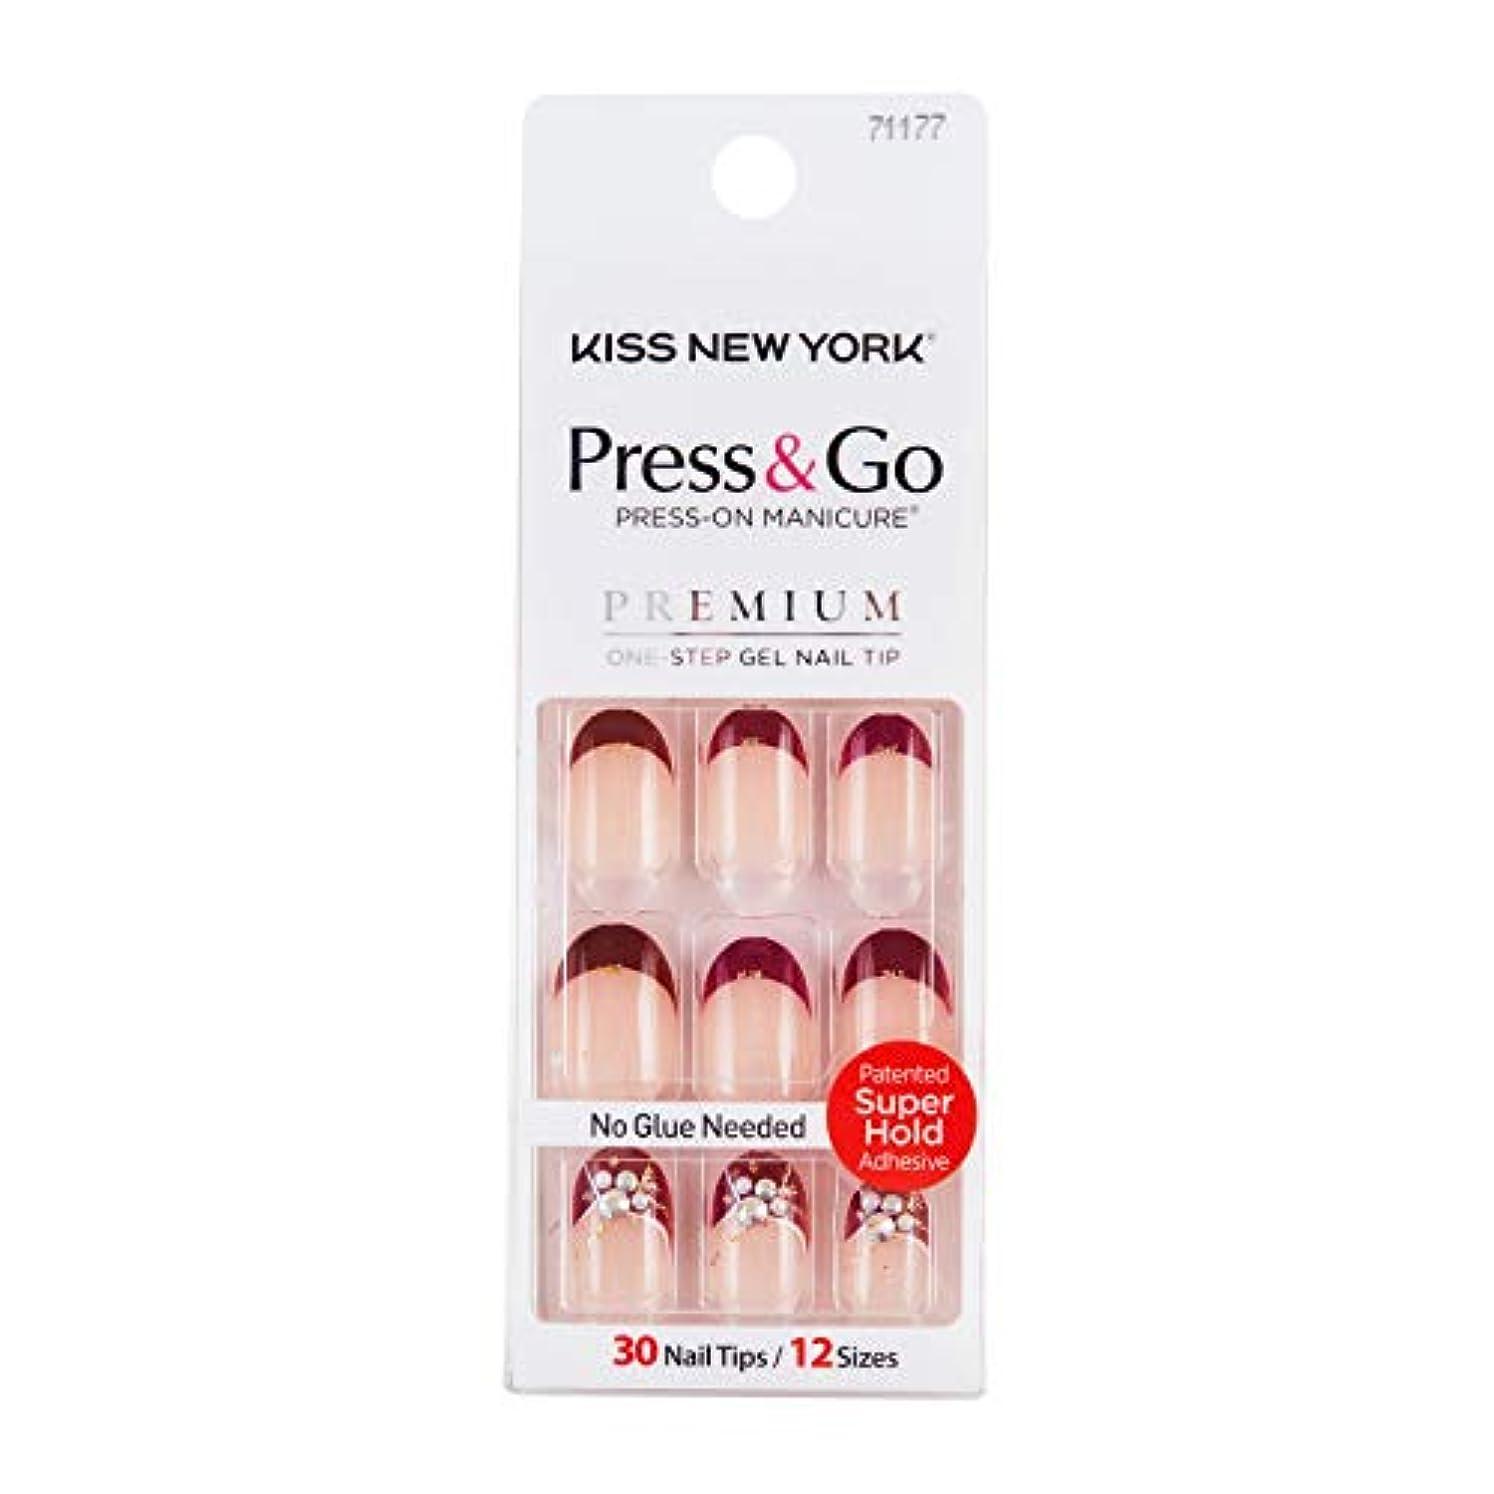 ステンレスメリートラックキスニューヨーク (KISS NEW YORK) KISS NEWYORK ネイルチップPress&Go BHJ26J 19g